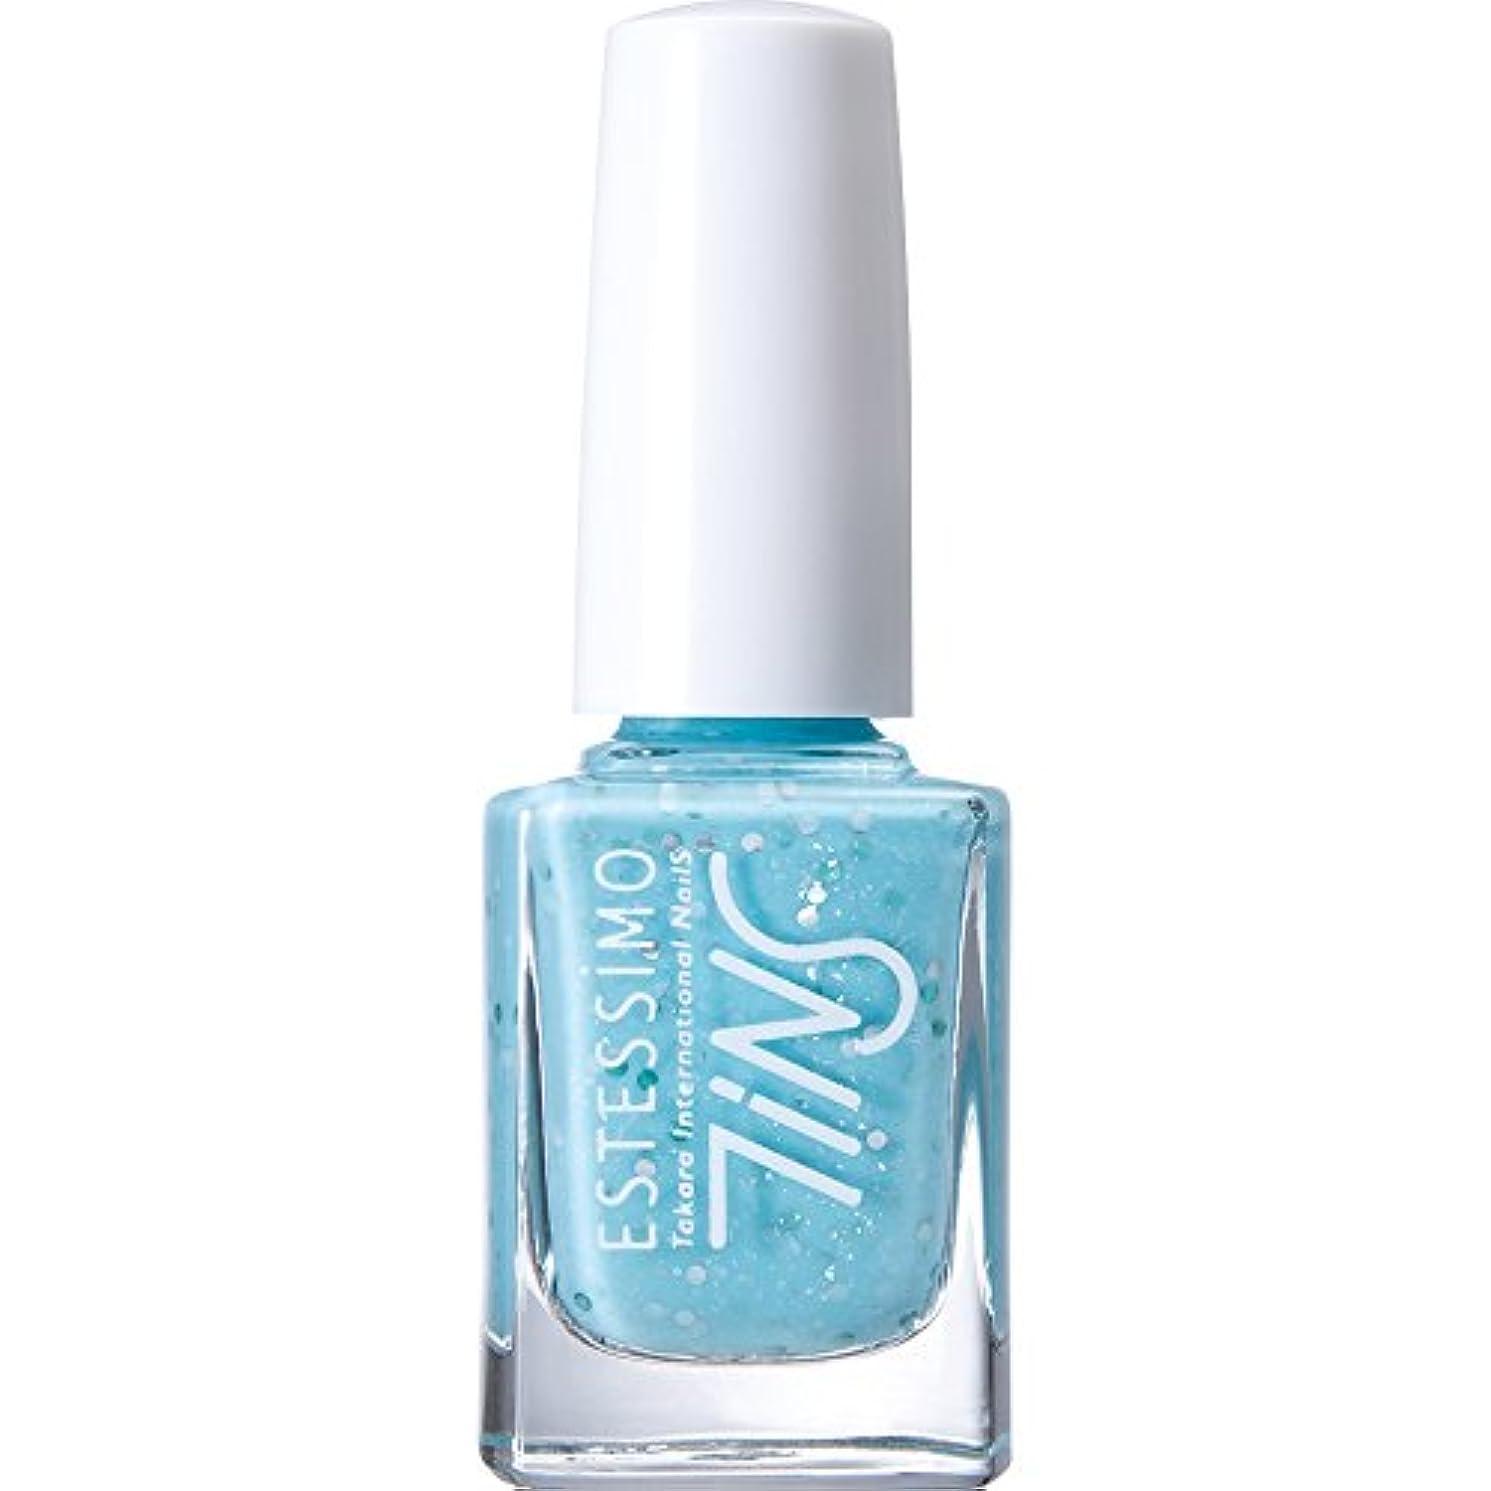 すばらしいです配当乳白色TiNS カラーポリッシュ 804 フィジーブルーパンチ 11ml 2015年春の限定色「Sugarsprinkles! 」シリーズ